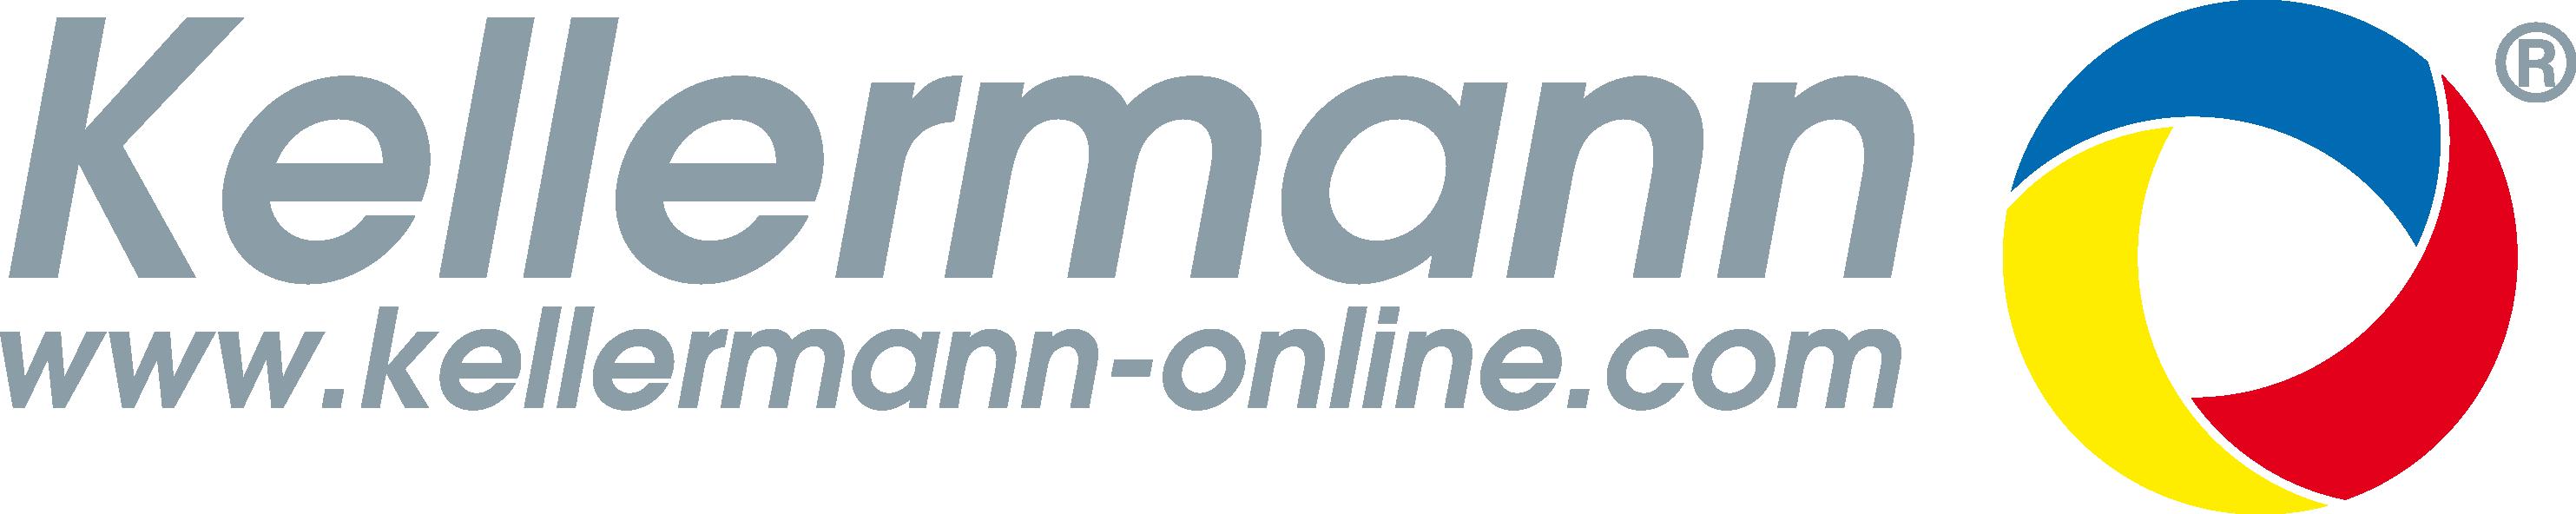 Kellermann-Logo.png